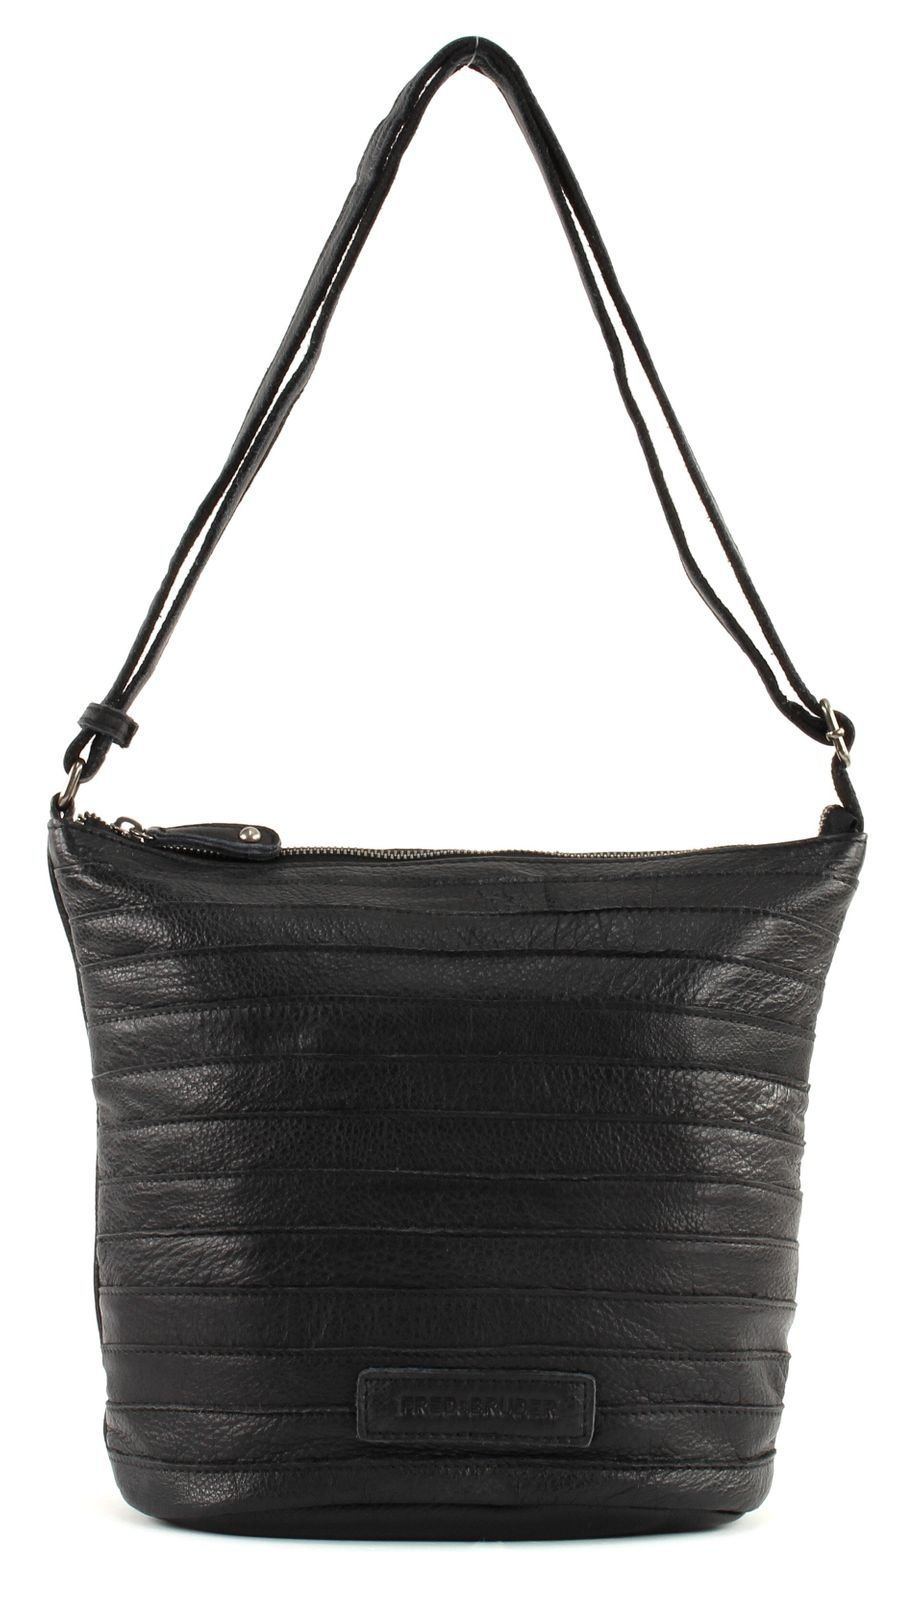 Freds Bruder Handtaschen Taschen 101-926_01 black Schwarz OV8GP